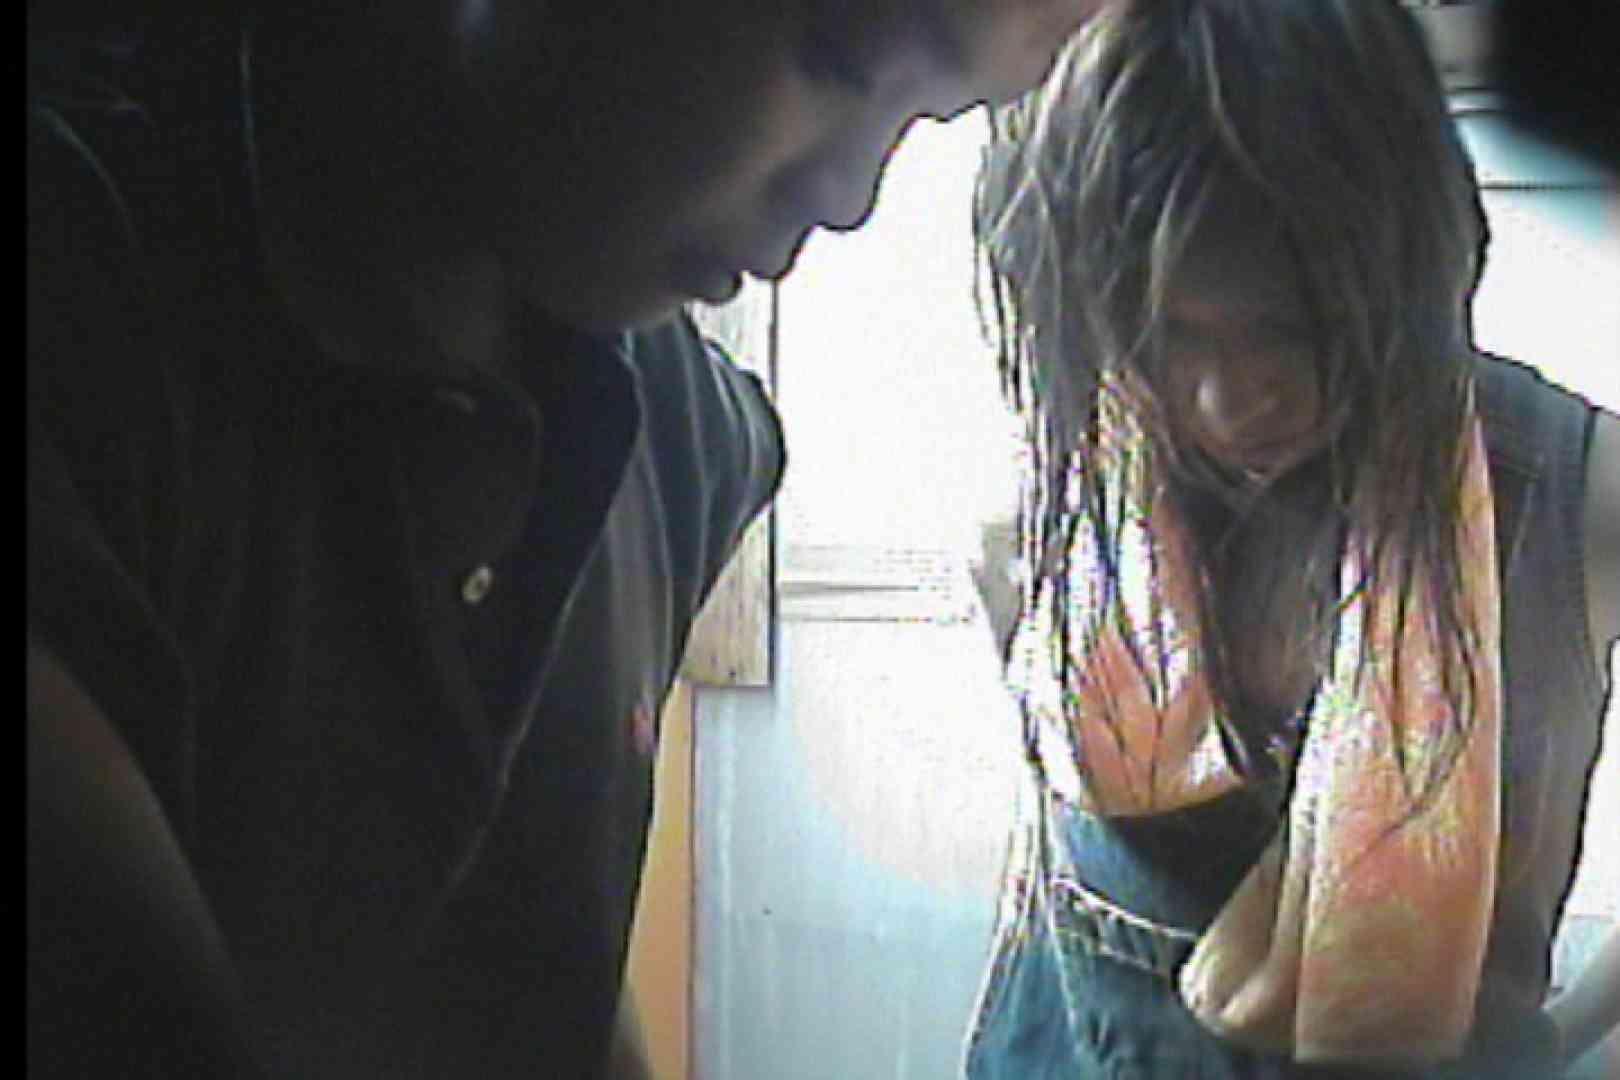 海の家の更衣室 Vol.47 OLの実態 盗撮おまんこ無修正動画無料 95pic 17